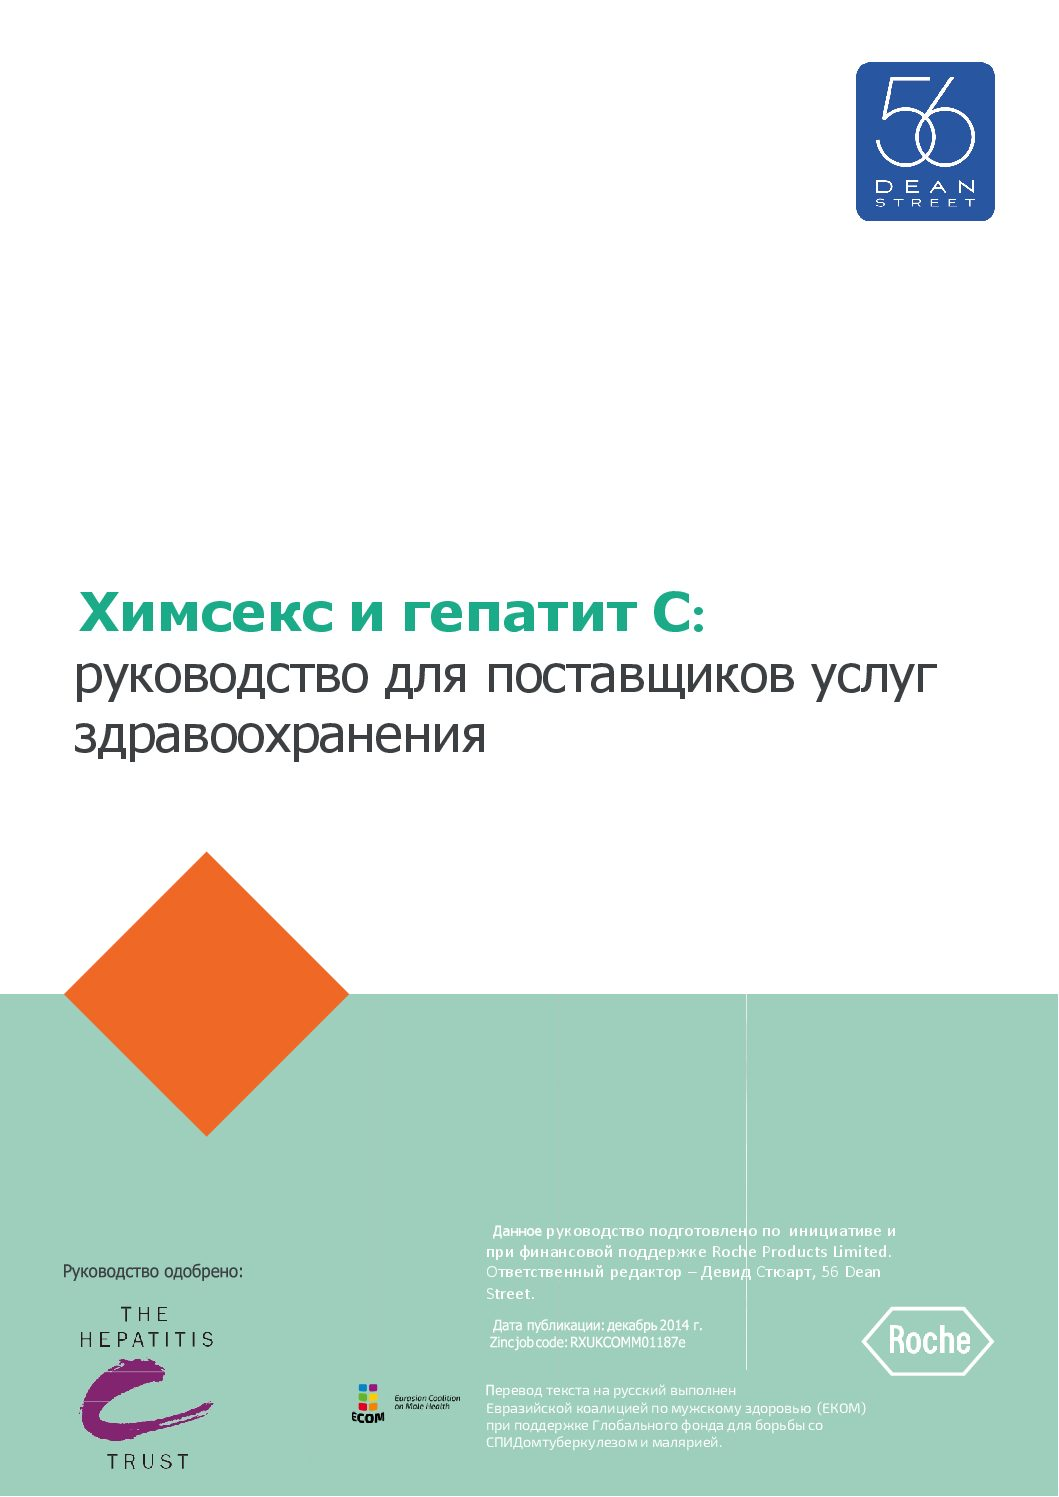 Химсекс и гепатит С: руководство для поставщиков услуг здравоохранения